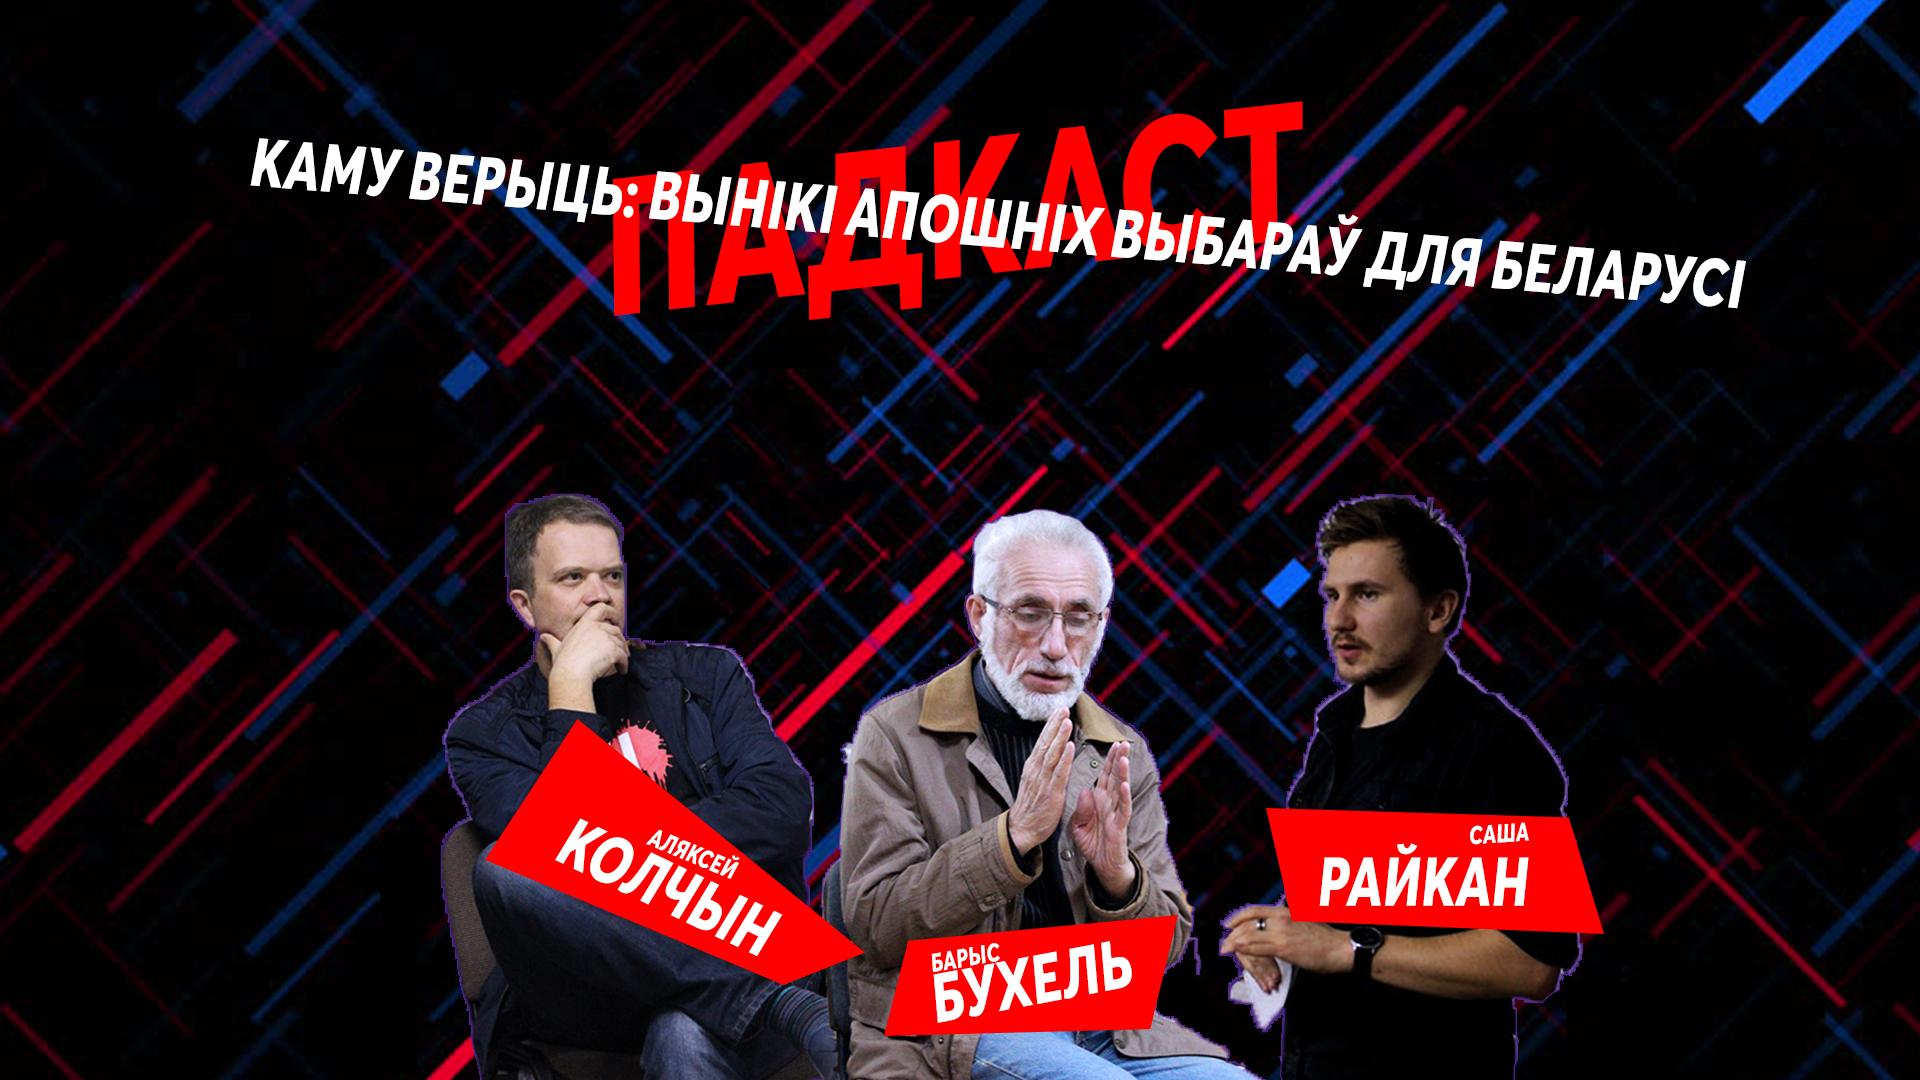 Фальсификации в Беларуси: кому верить? ПОДКАСТ